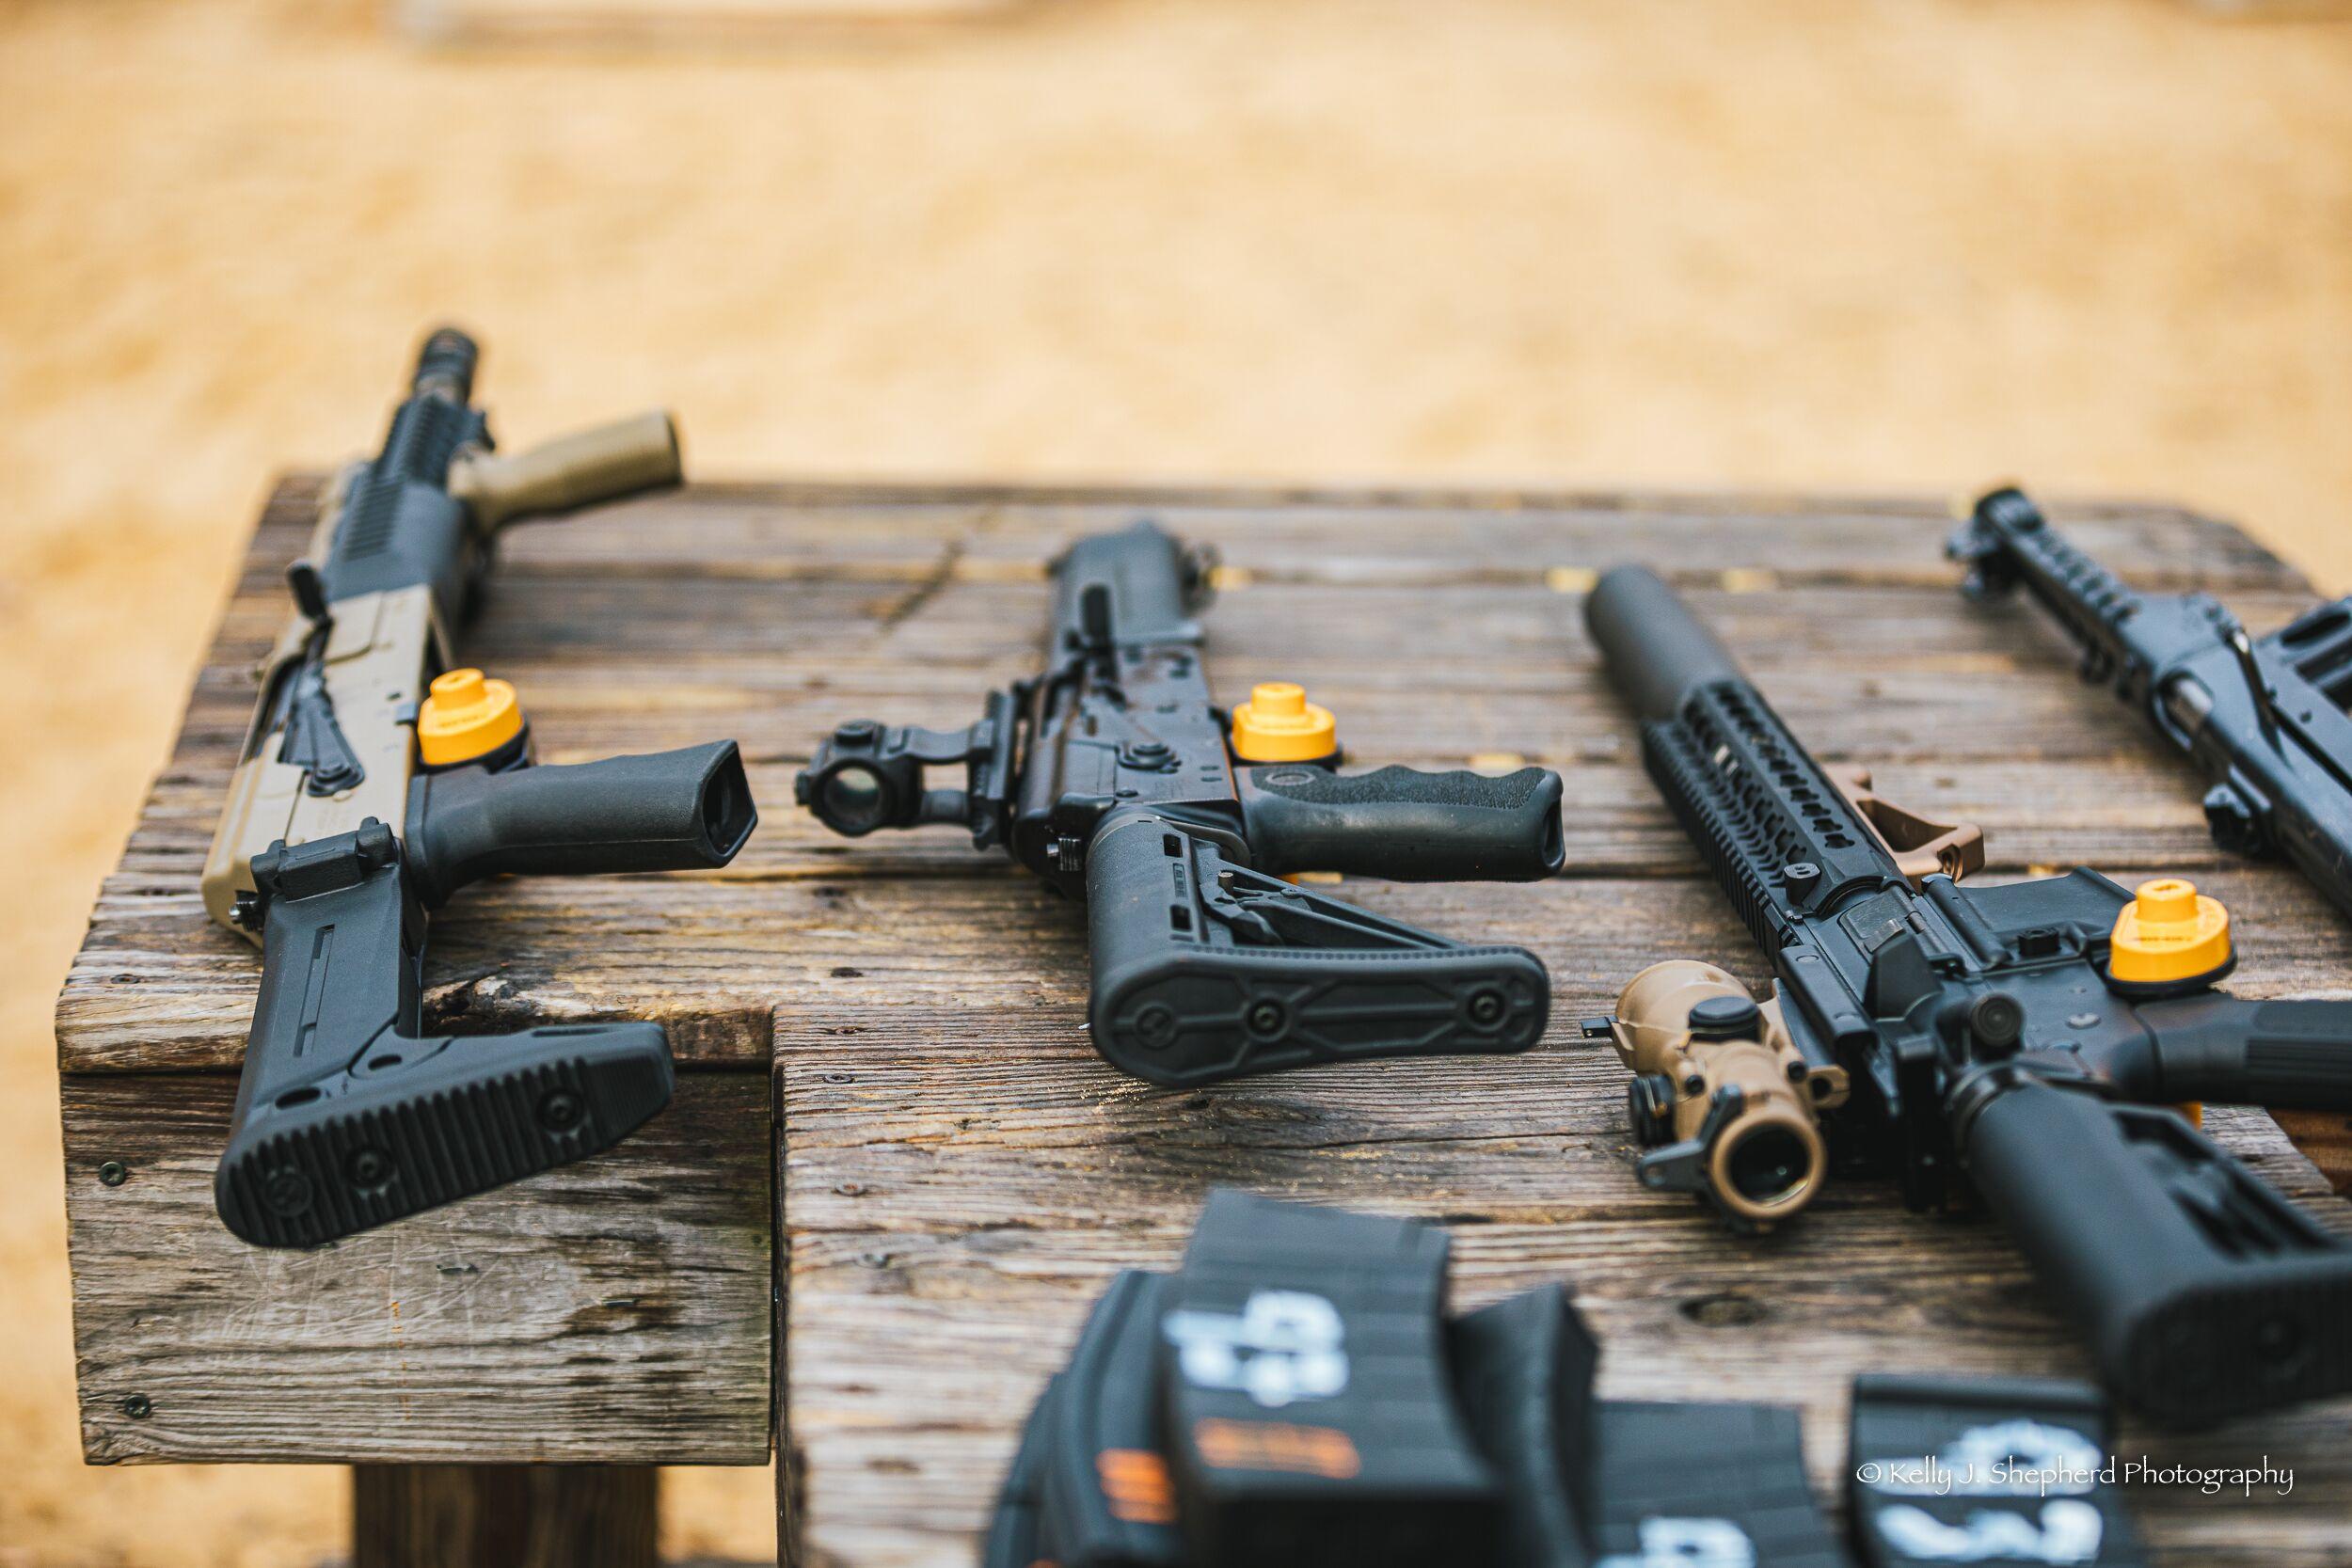 Wedding Machinegun Range Day